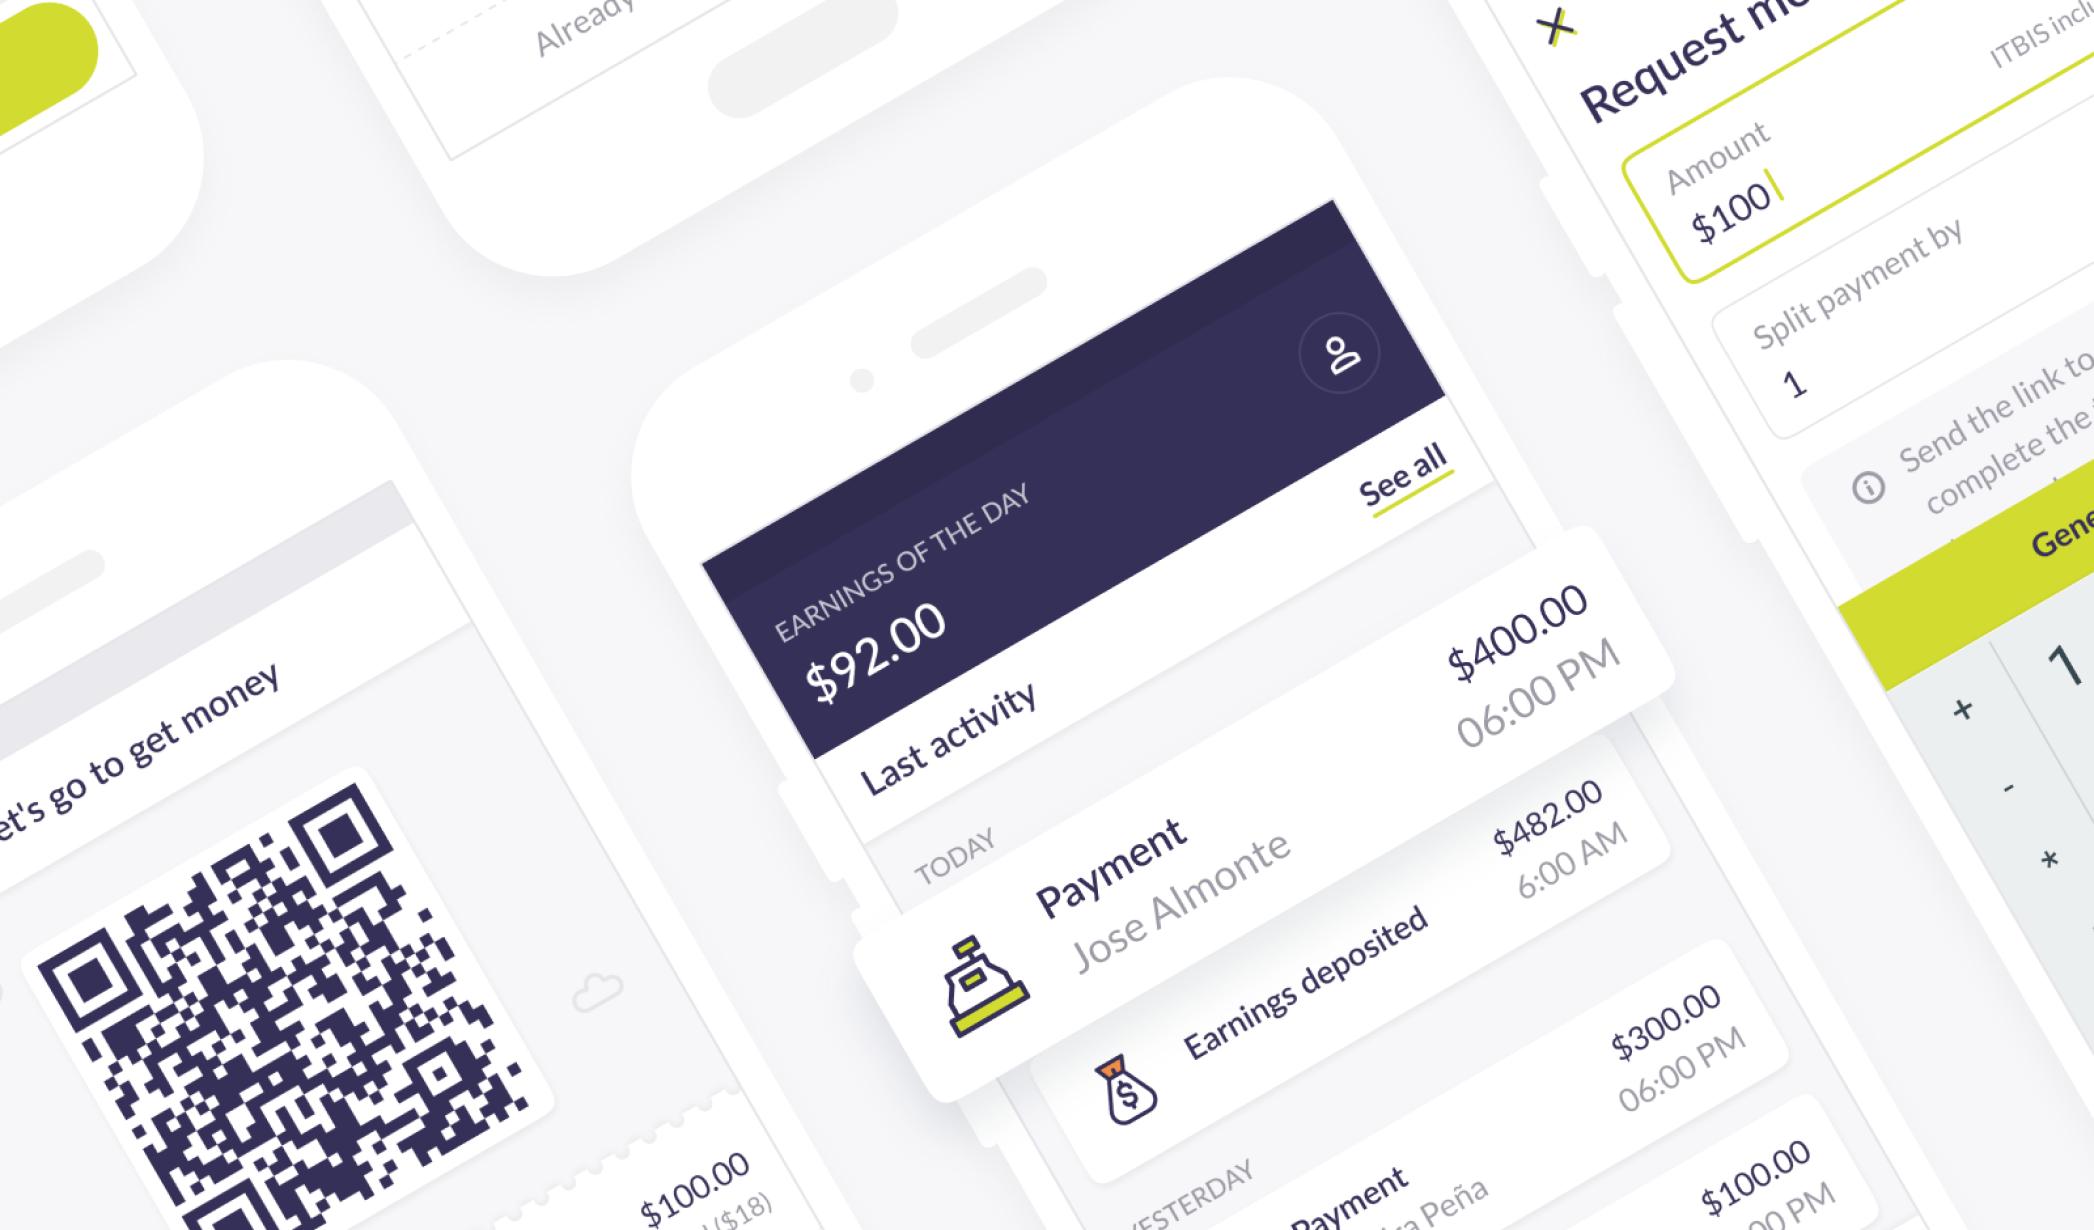 Yoyo App - Request Money Easily